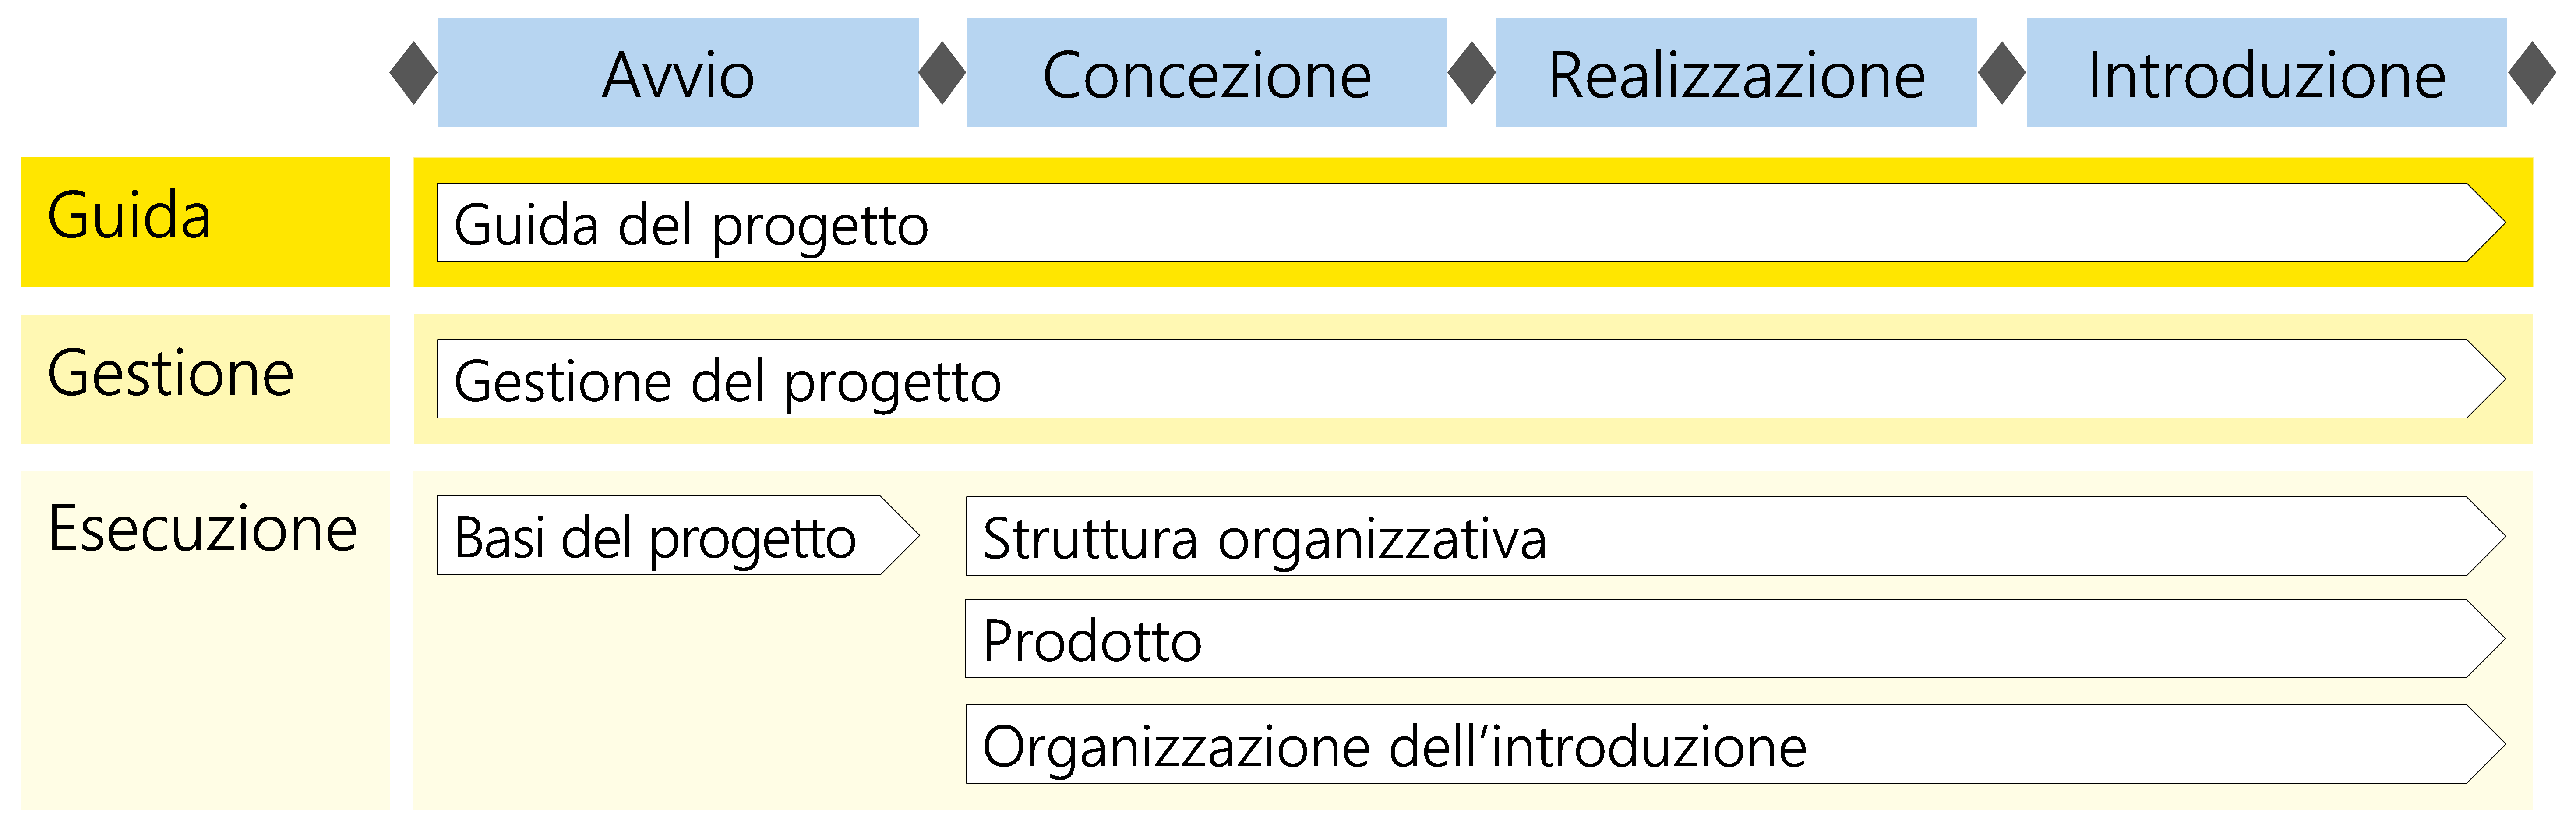 Figura 11: Moduli nel contesto dello scenario «Servizio/Prodotto»